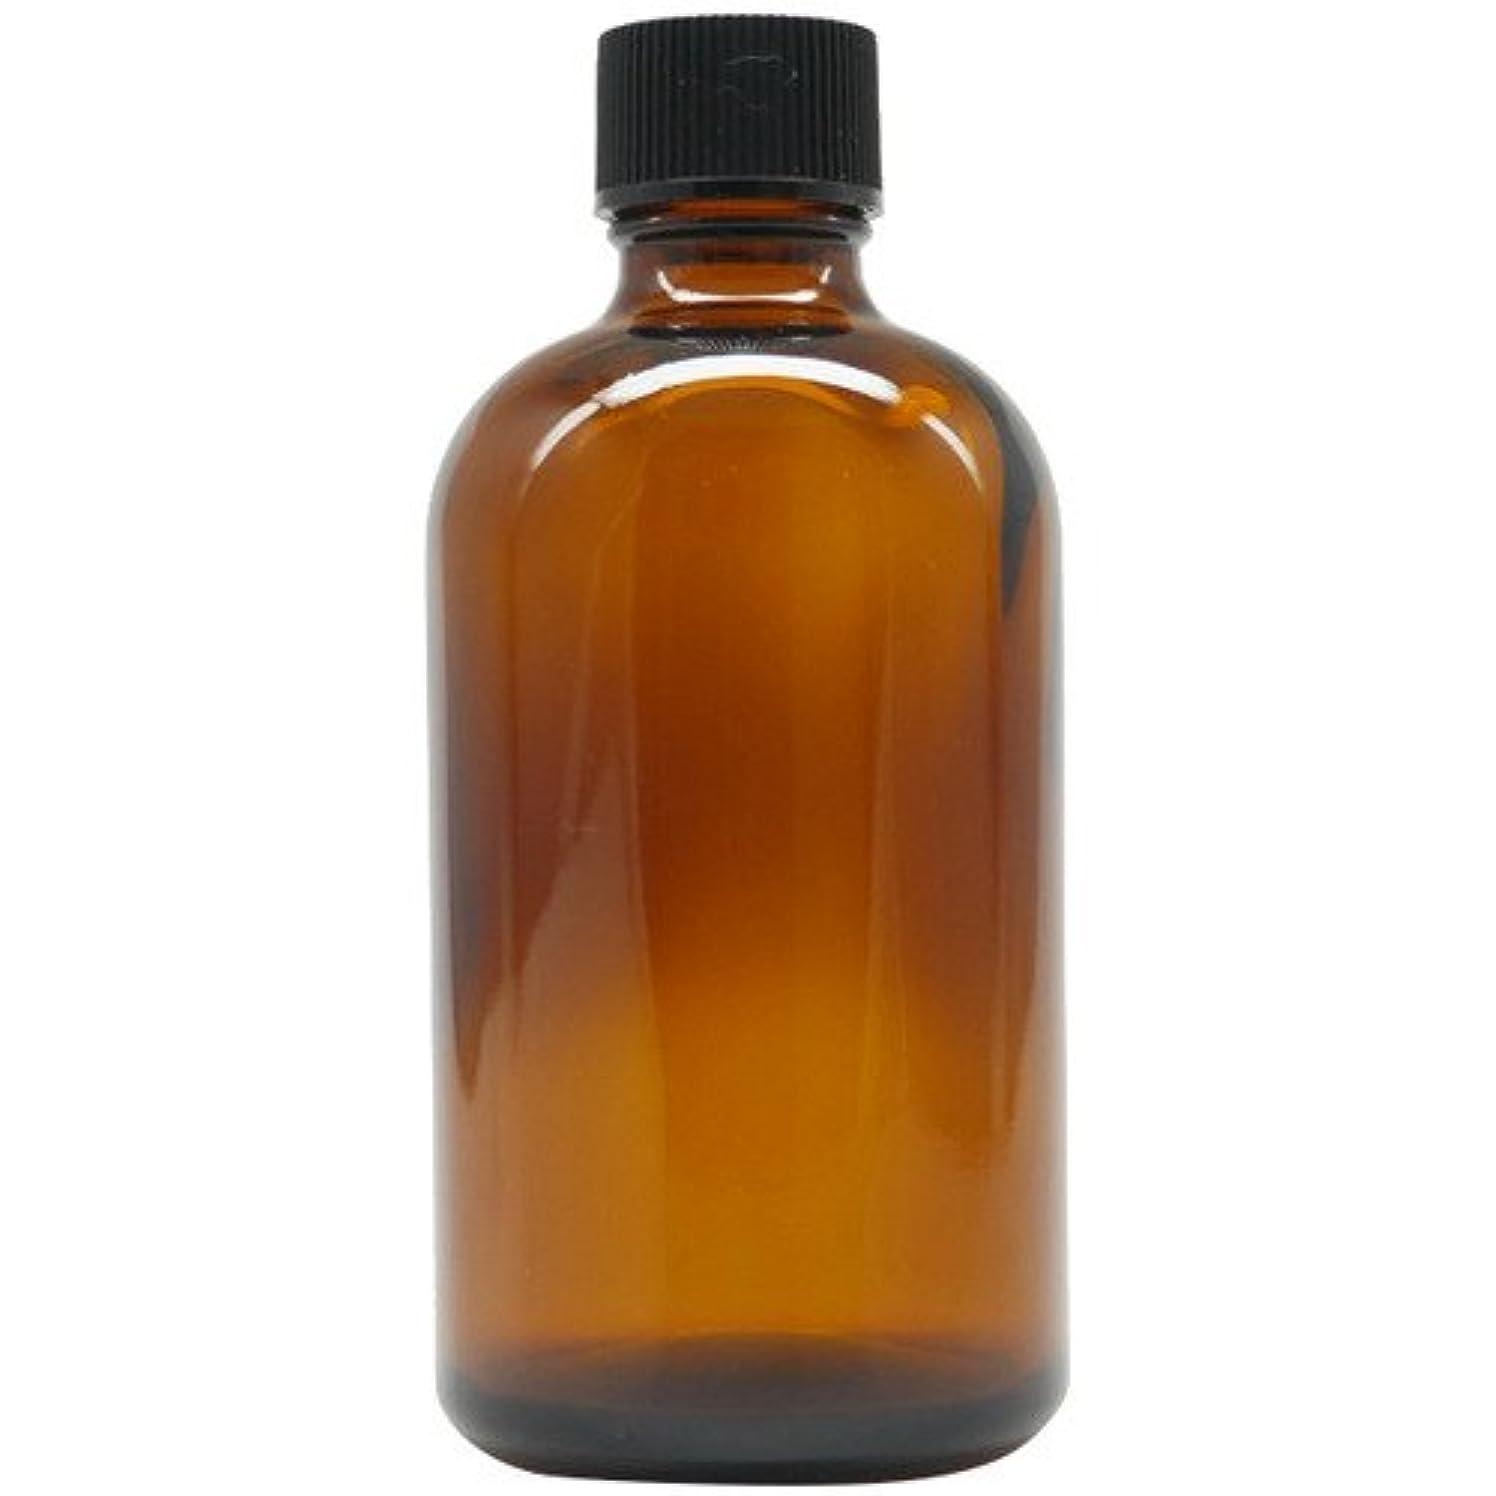 定常脊椎差し控えるアロマアンドライフ (D)茶瓶中止栓100ml 3本セット